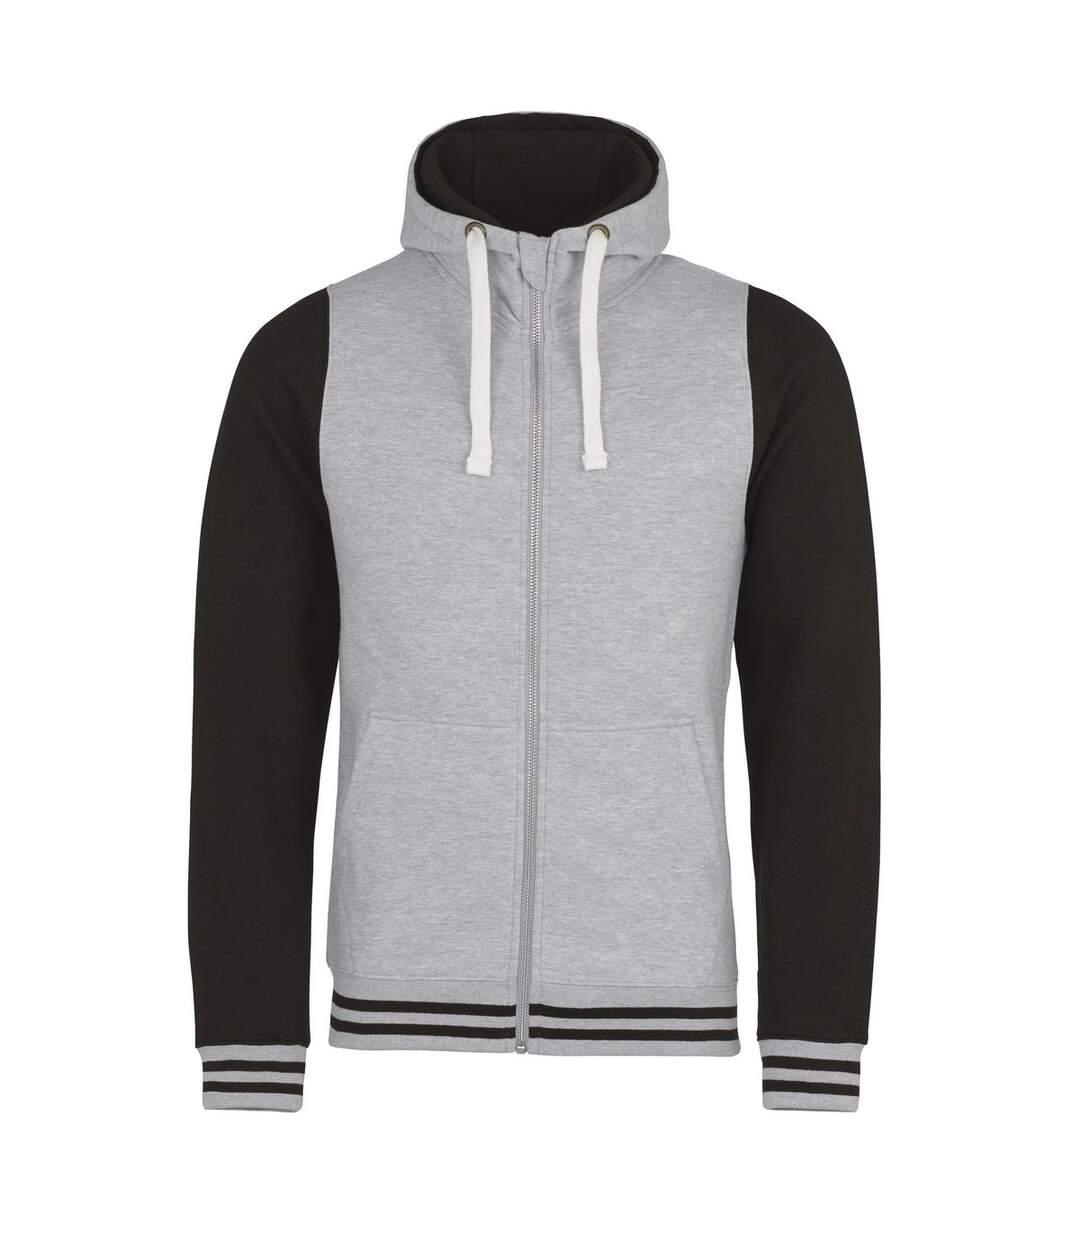 Sweat-shirt zippé à capuche - homme - JH051 - gris clair